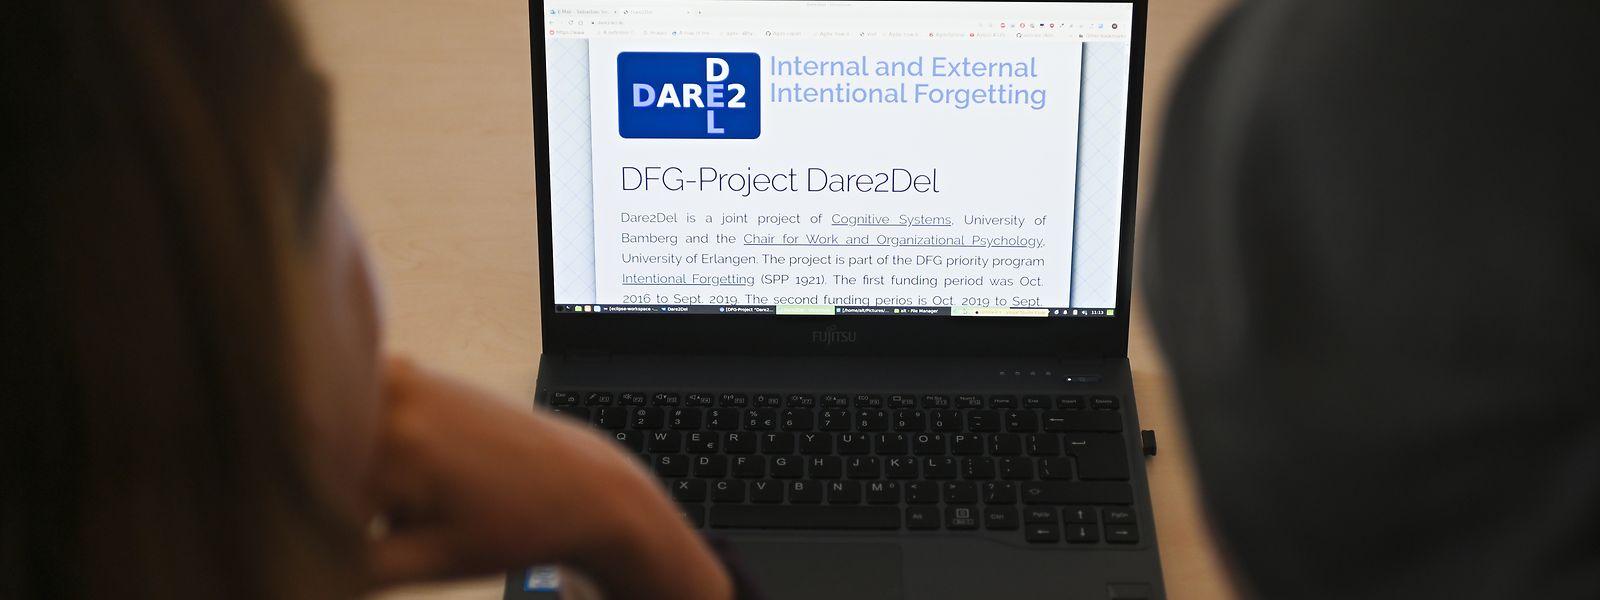 Forscher in Deutschland haben ein System entwickelt, das dem Menschen beim Löschen von ungenützten Daten am PC helfen soll.